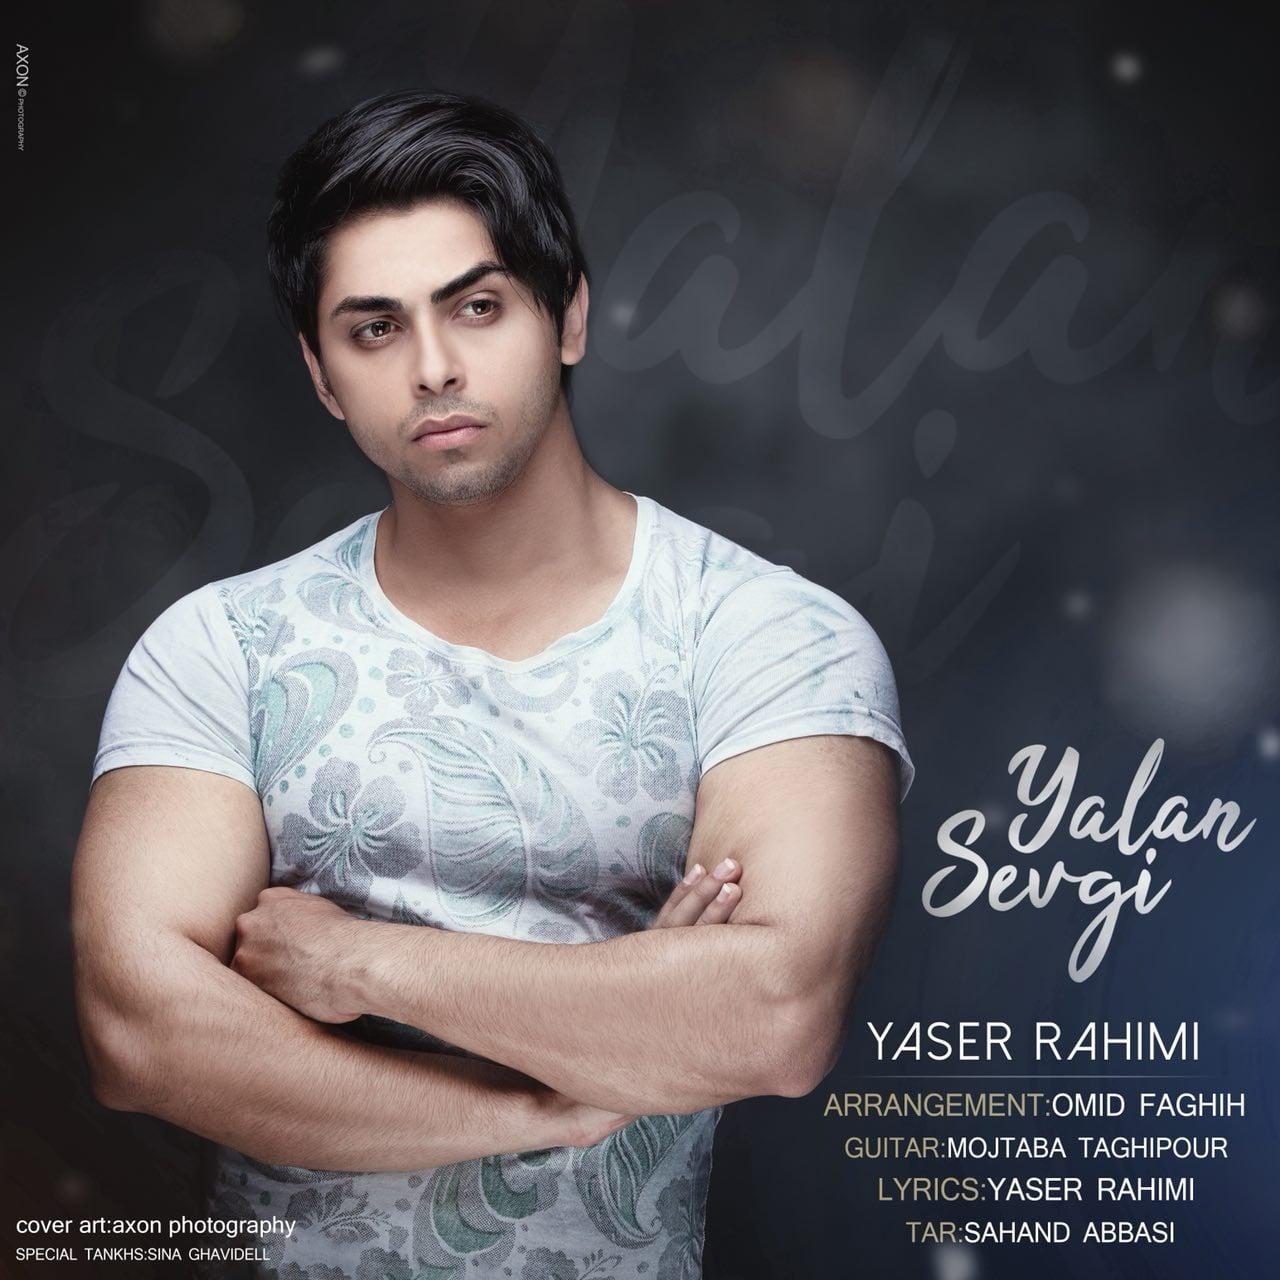 دانلود آهنگ جدید یاسر رحیمی به نام یالان سوگی